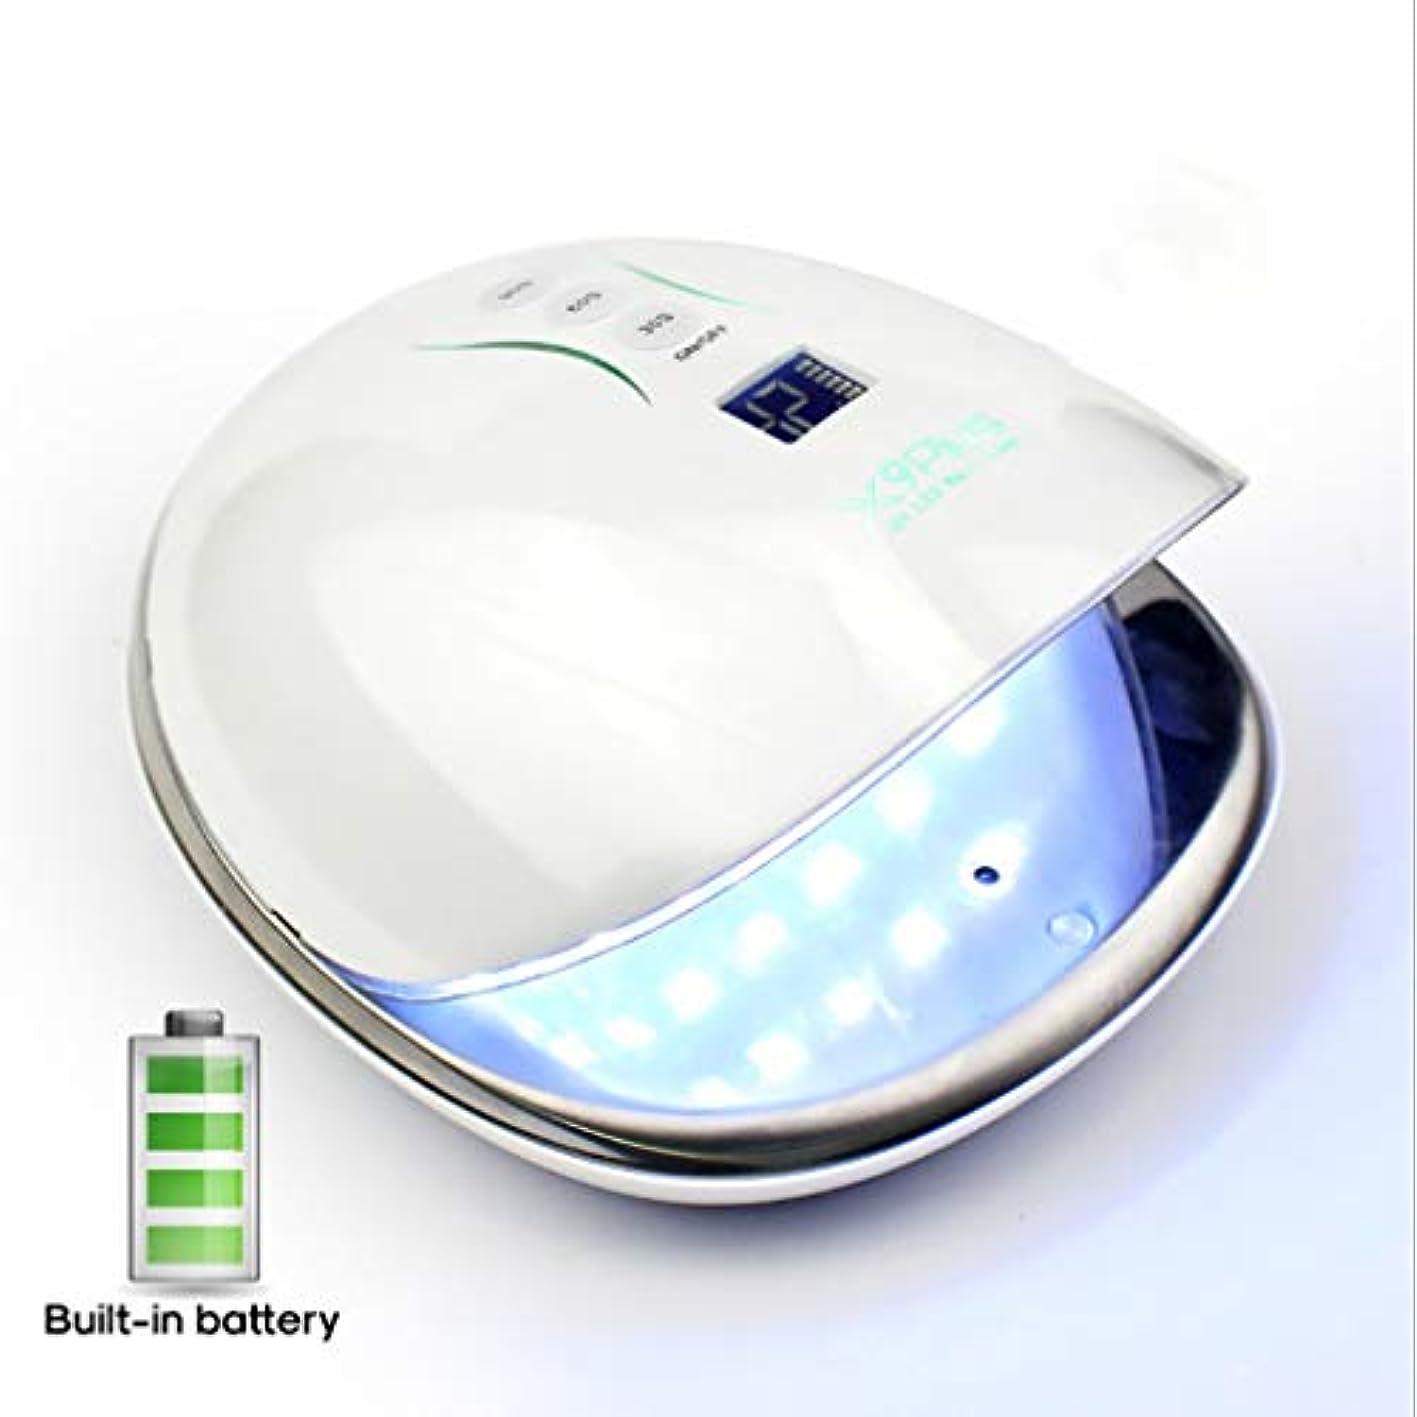 ストロー周波数控えめなプロフェッショナルUV/LEDネイルライト、内蔵バッテリー、30秒、60秒、90秒タイマー、無痛モード、ジェルポリッシュ用ネイルポリッシュ